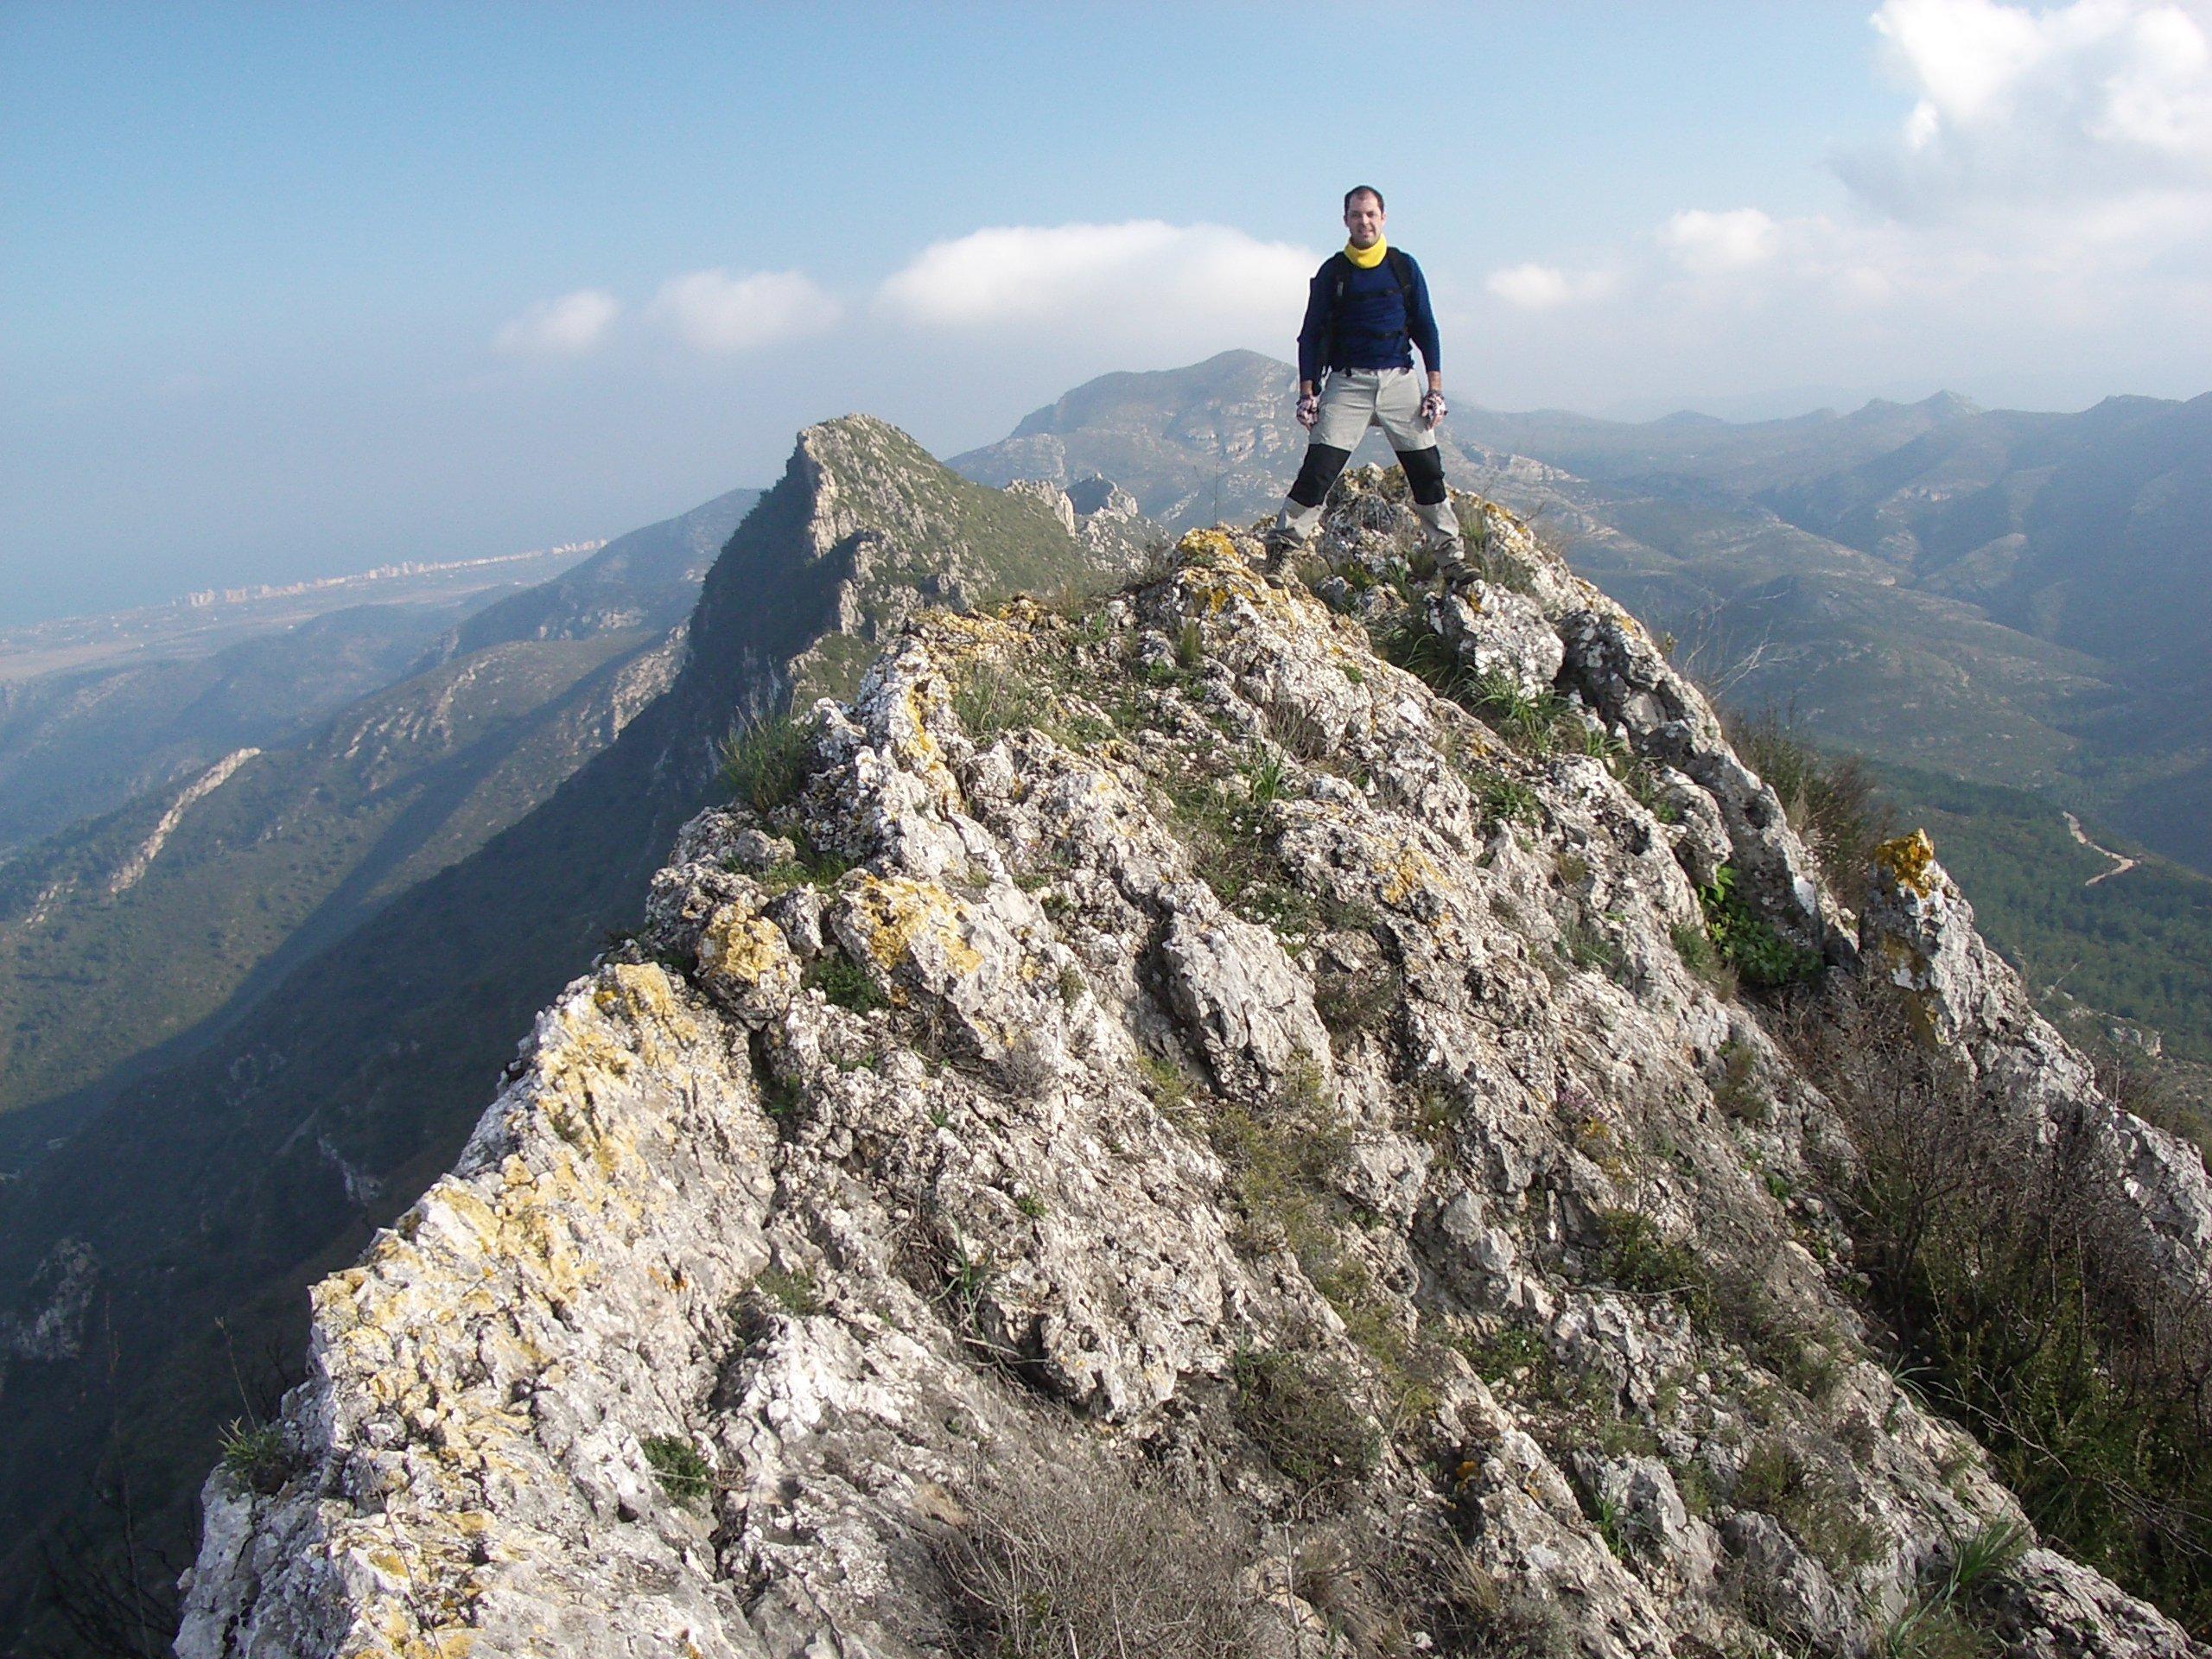 Mann auf einem Berggrat